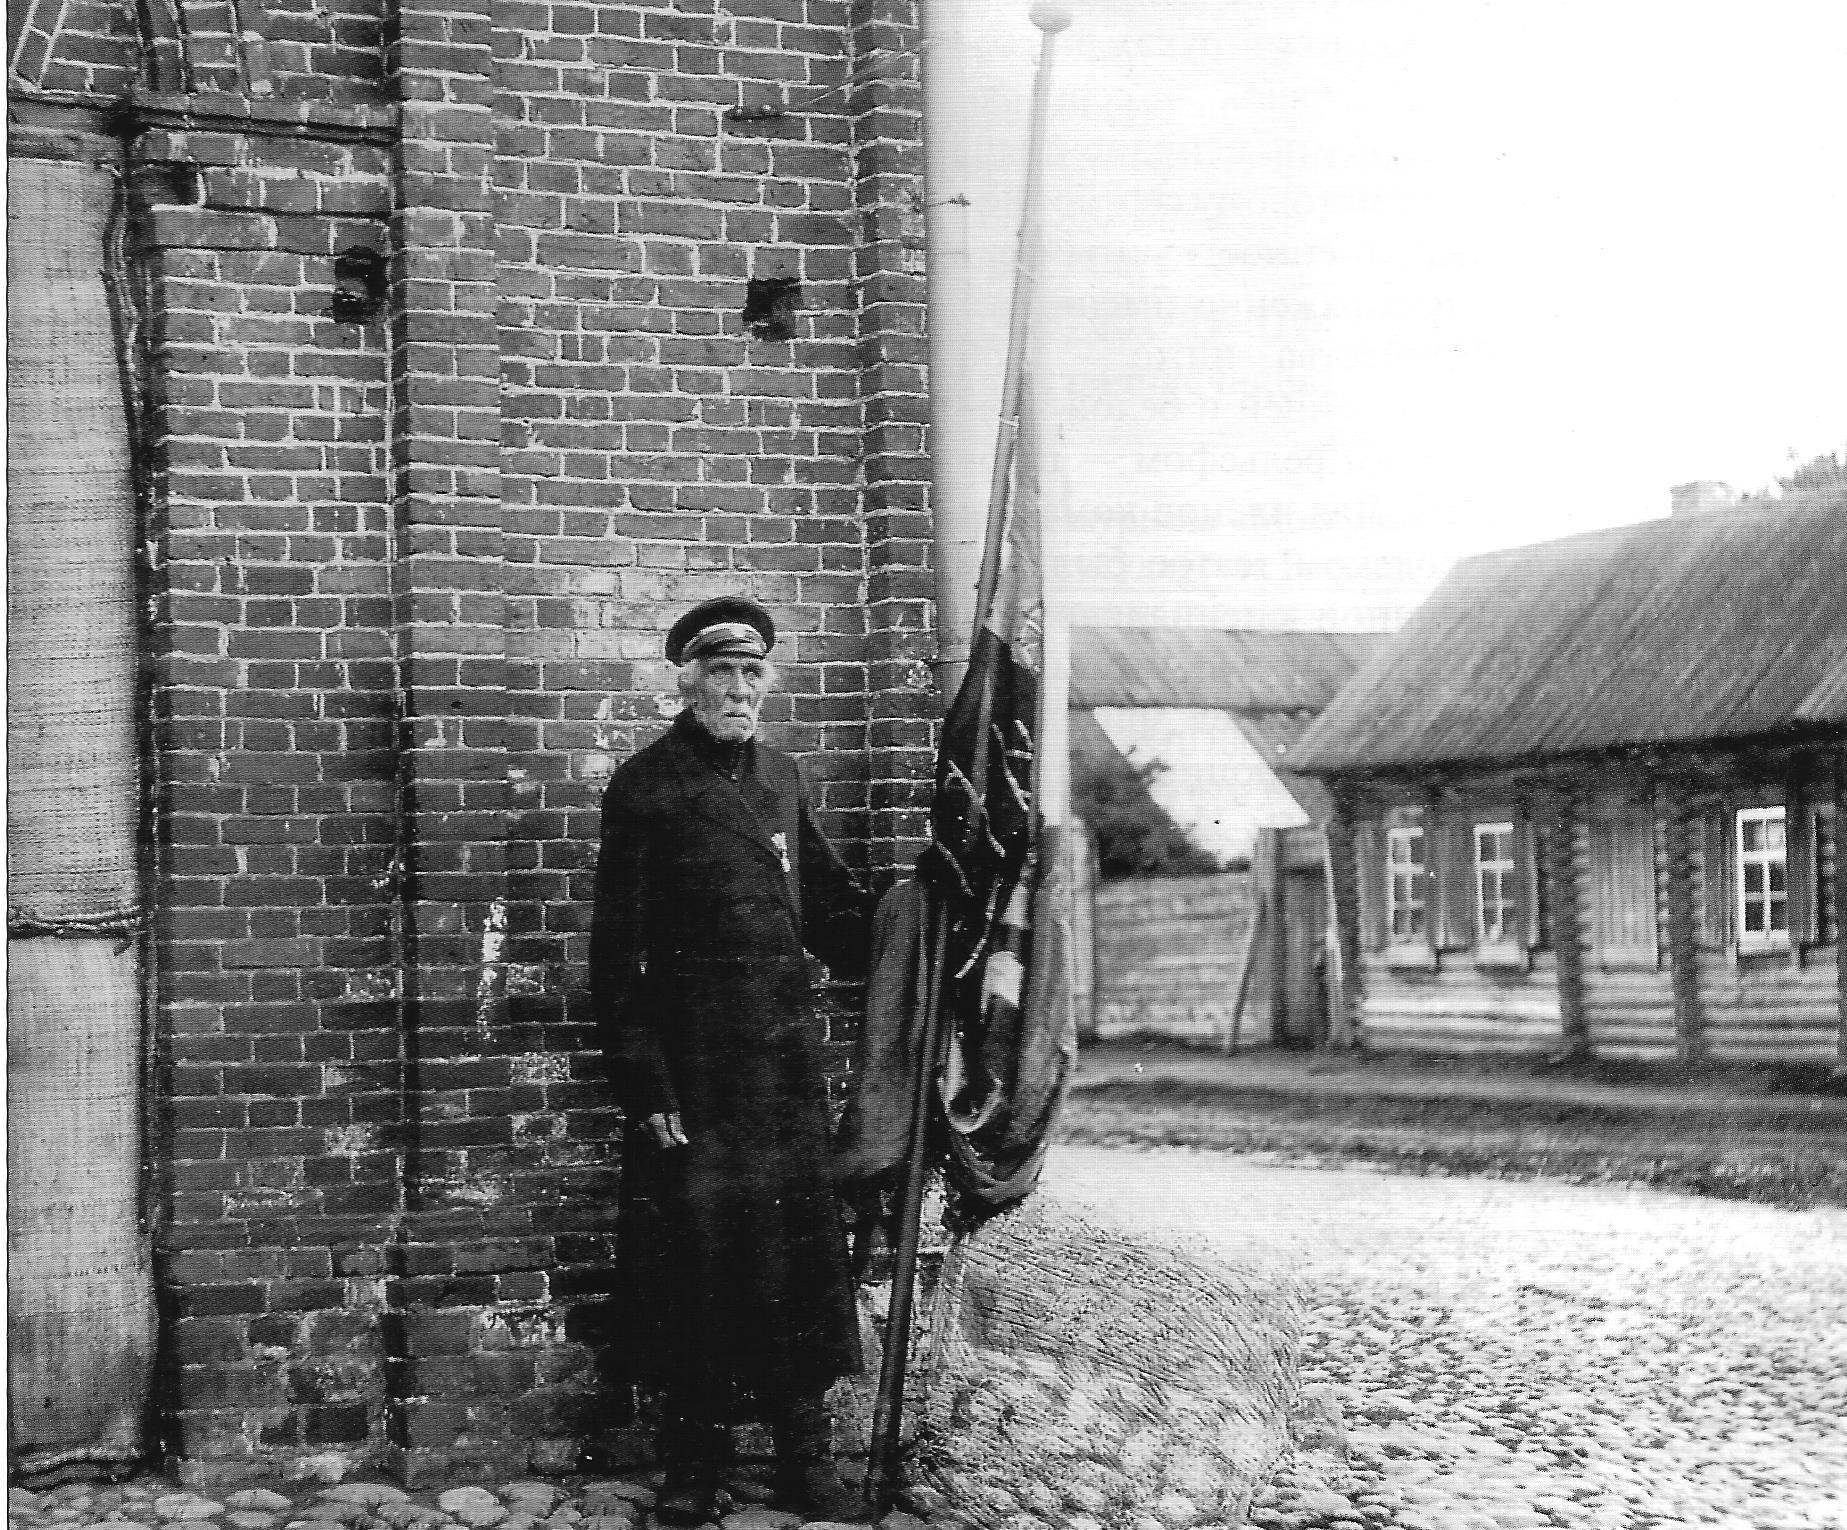 Старейший член пожарной команды И.Е. Кошкин у знамени. 1893